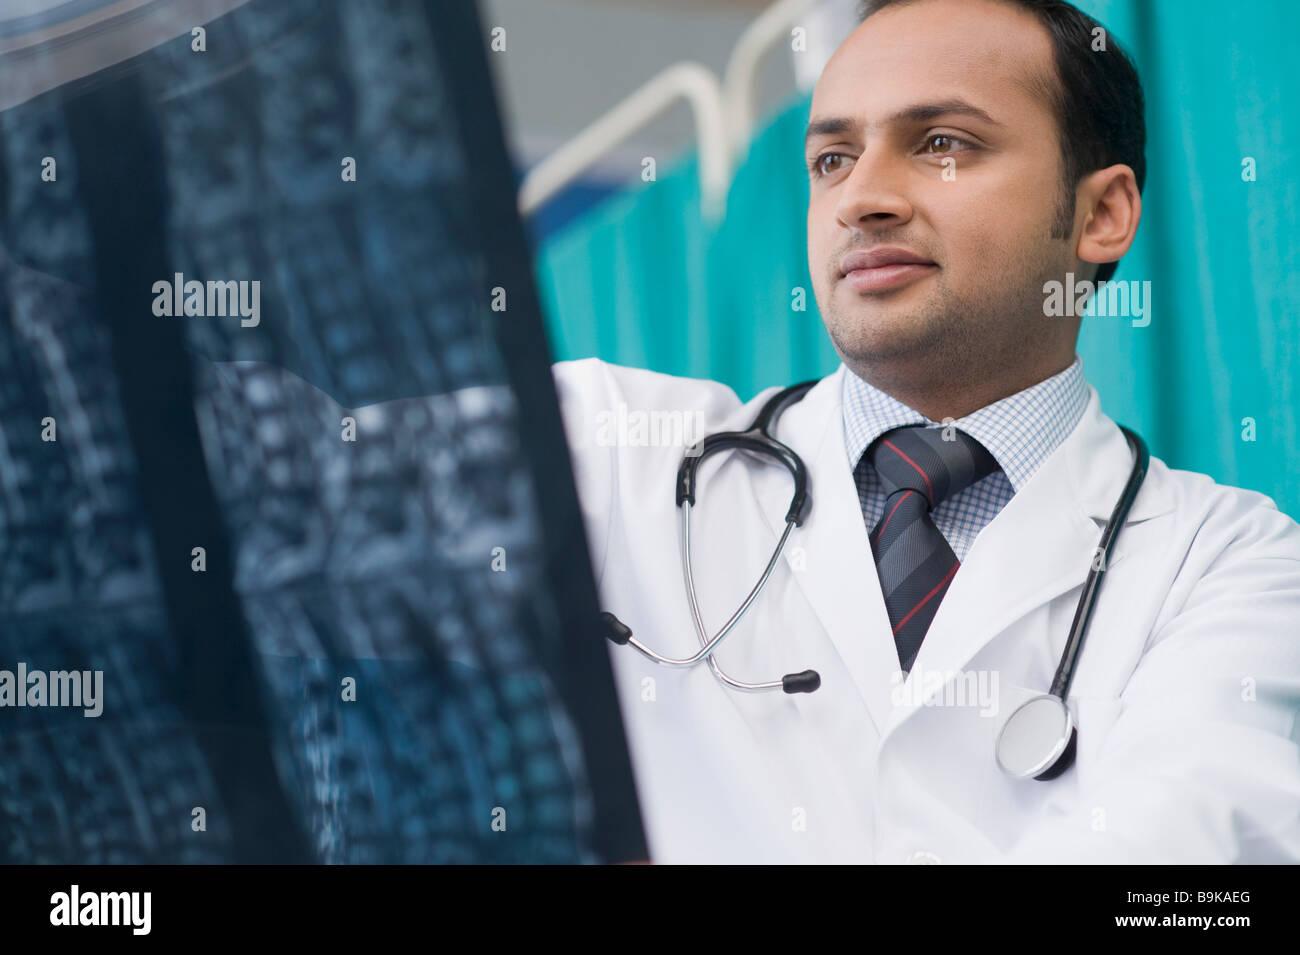 Arzt untersucht einen Röntgen-Bericht Stockfoto